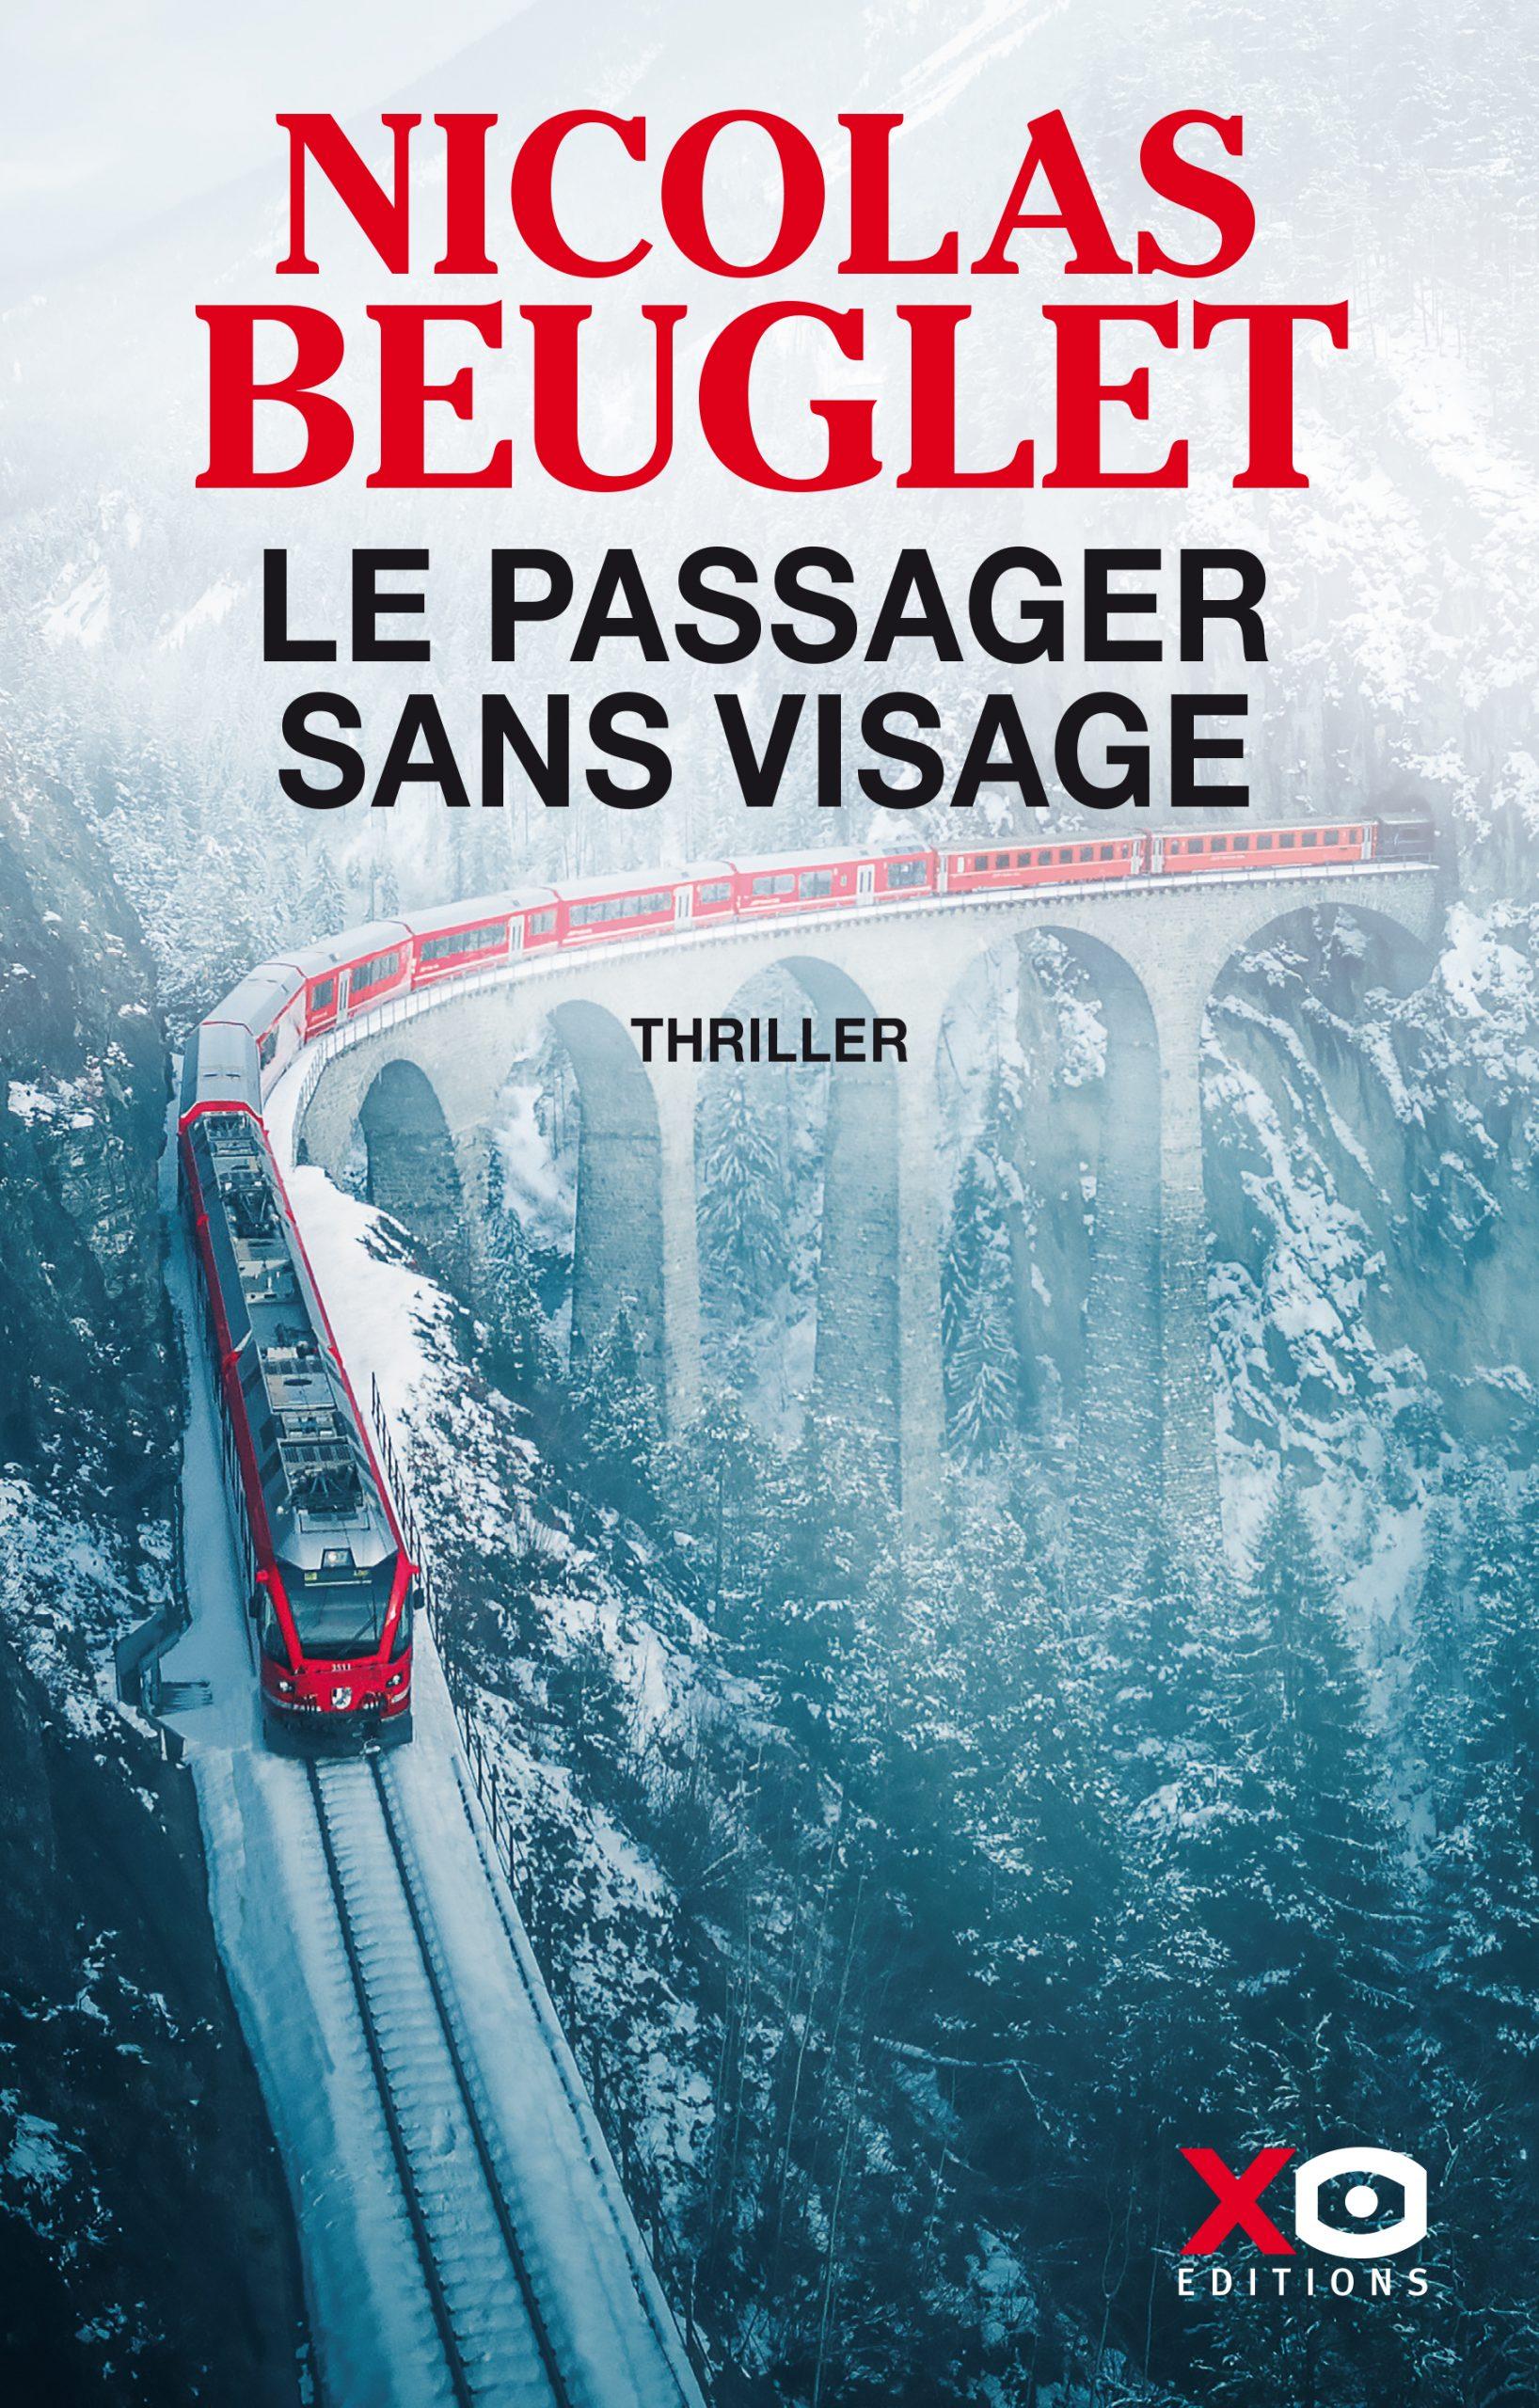 Le Passager sans visage - XO Editions